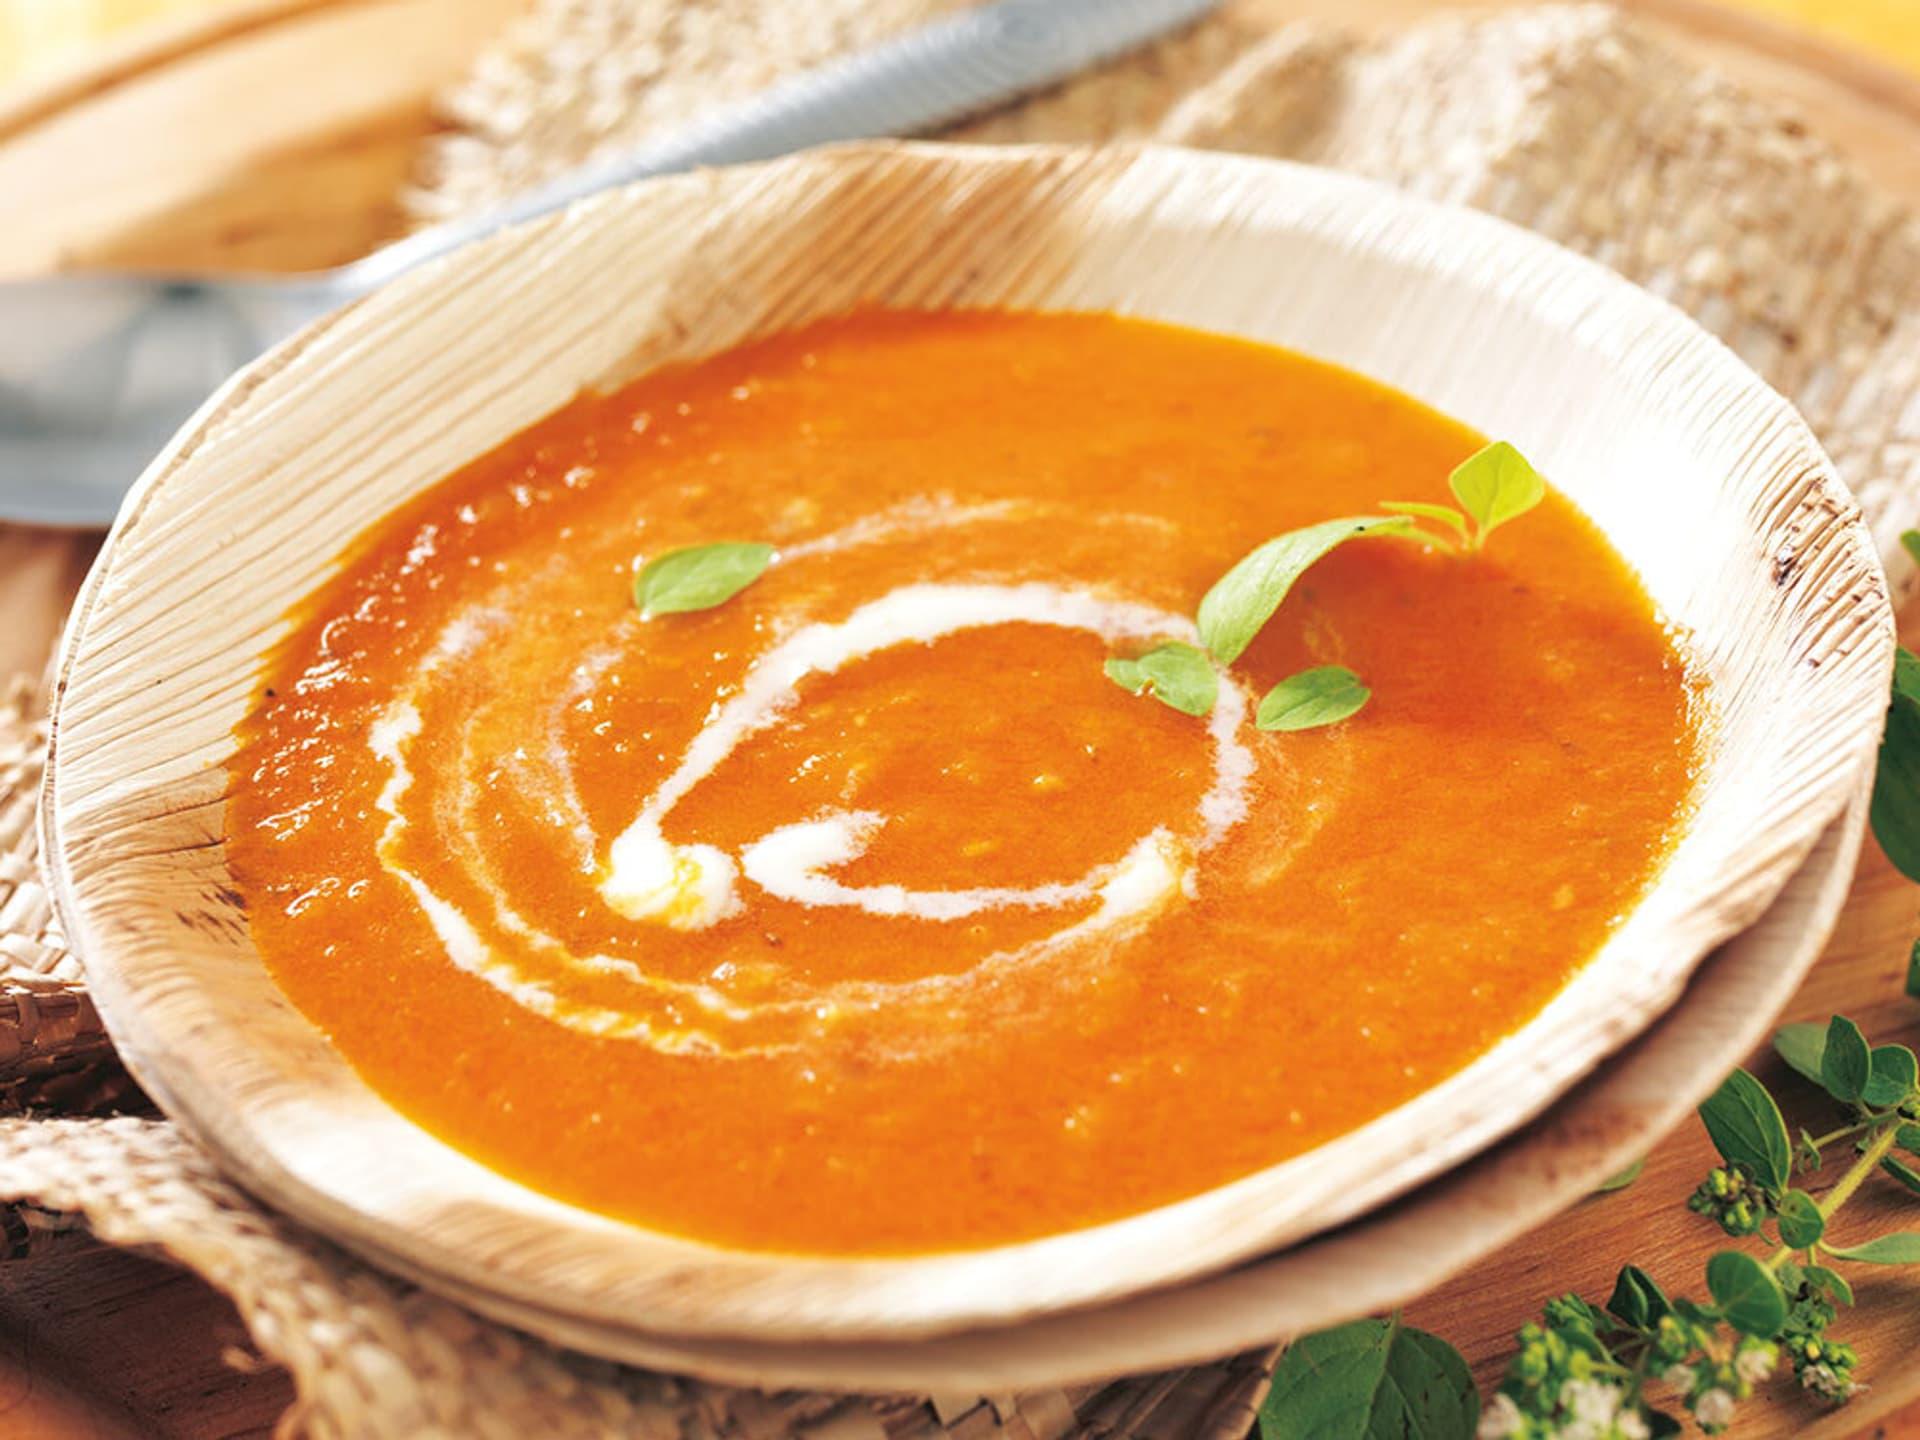 Rote Suppe in einer Holzschüssel